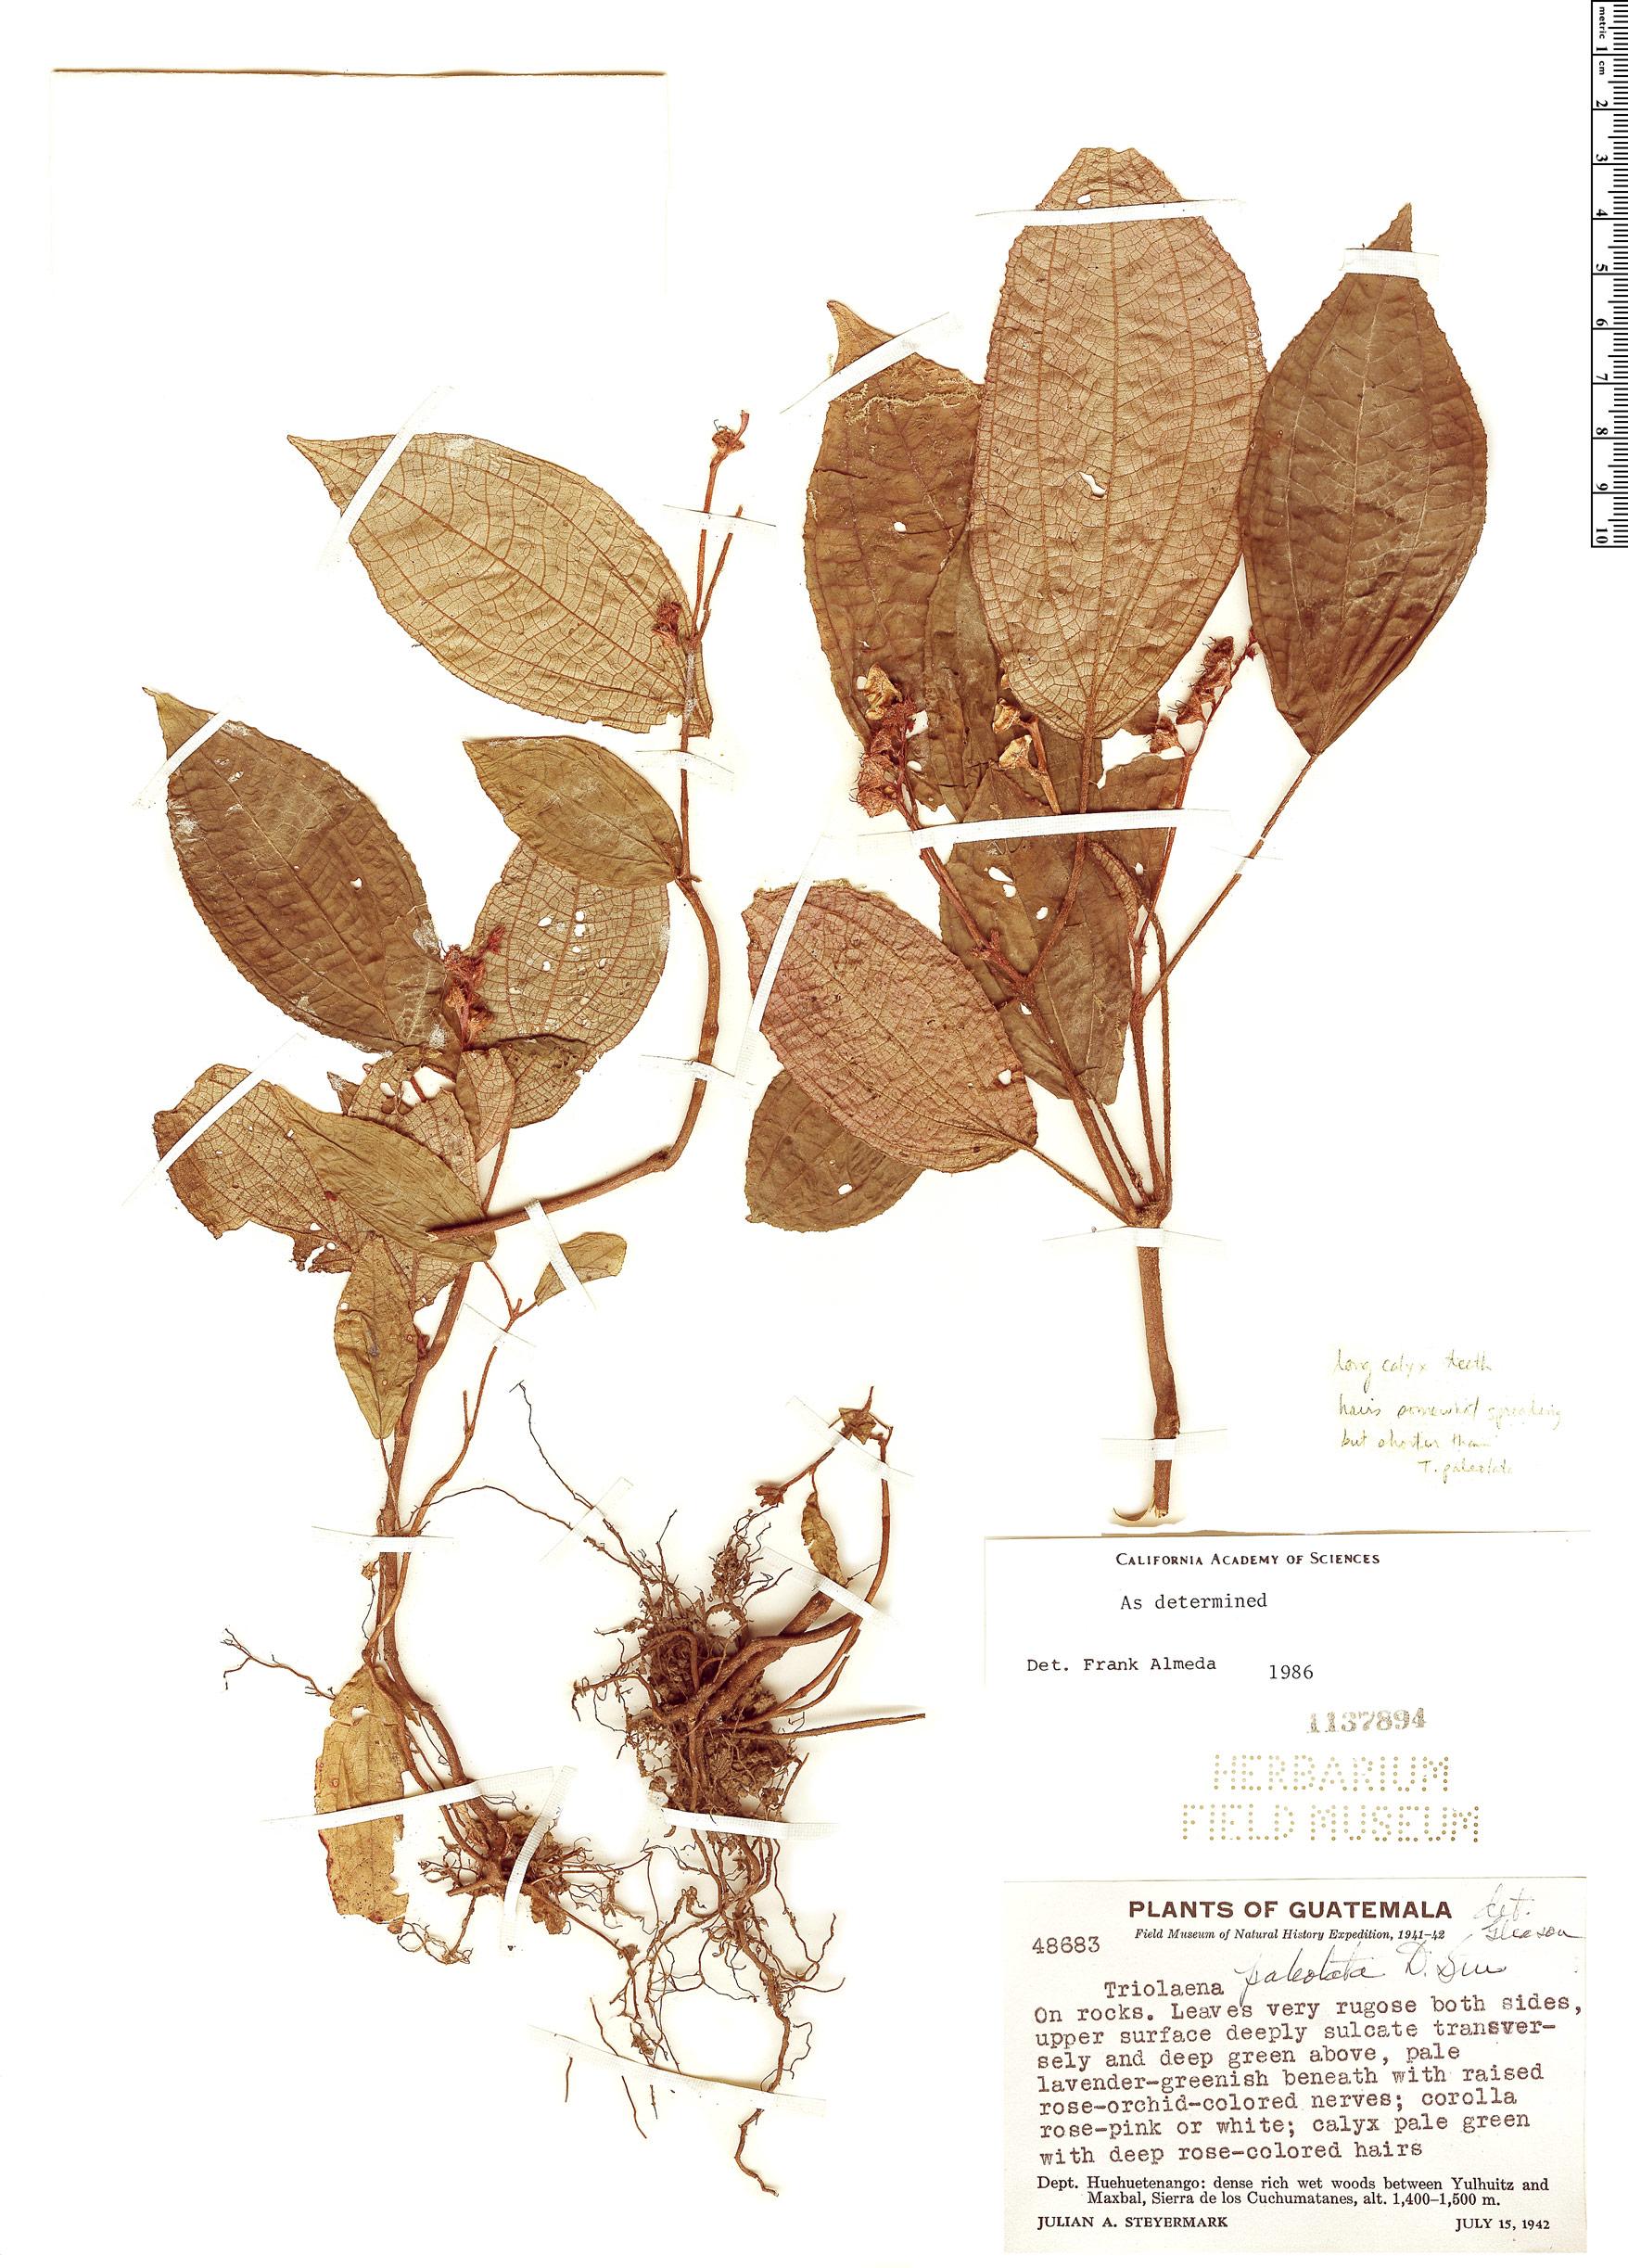 Espécime: Triolena paleolata